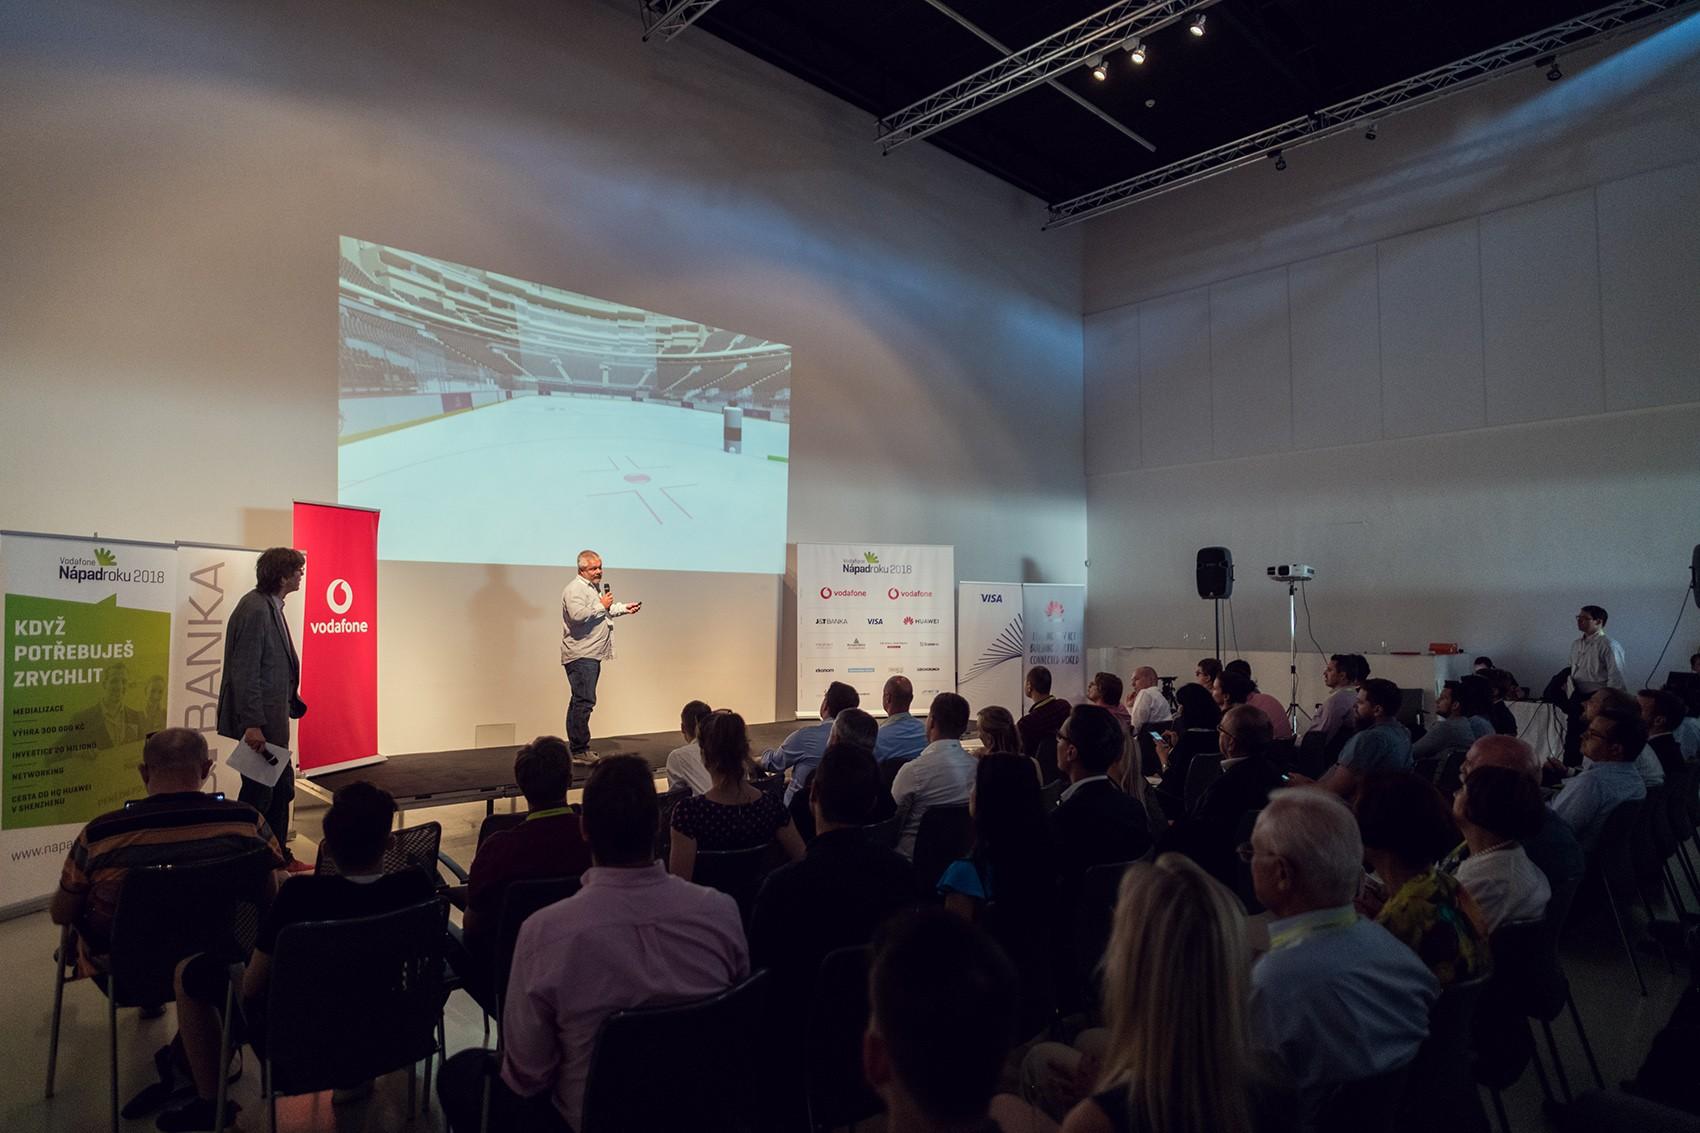 Loňský vítěz SenseArena, který prostřednictvím virtuální reality zlepšuje dovednosti hokejistů